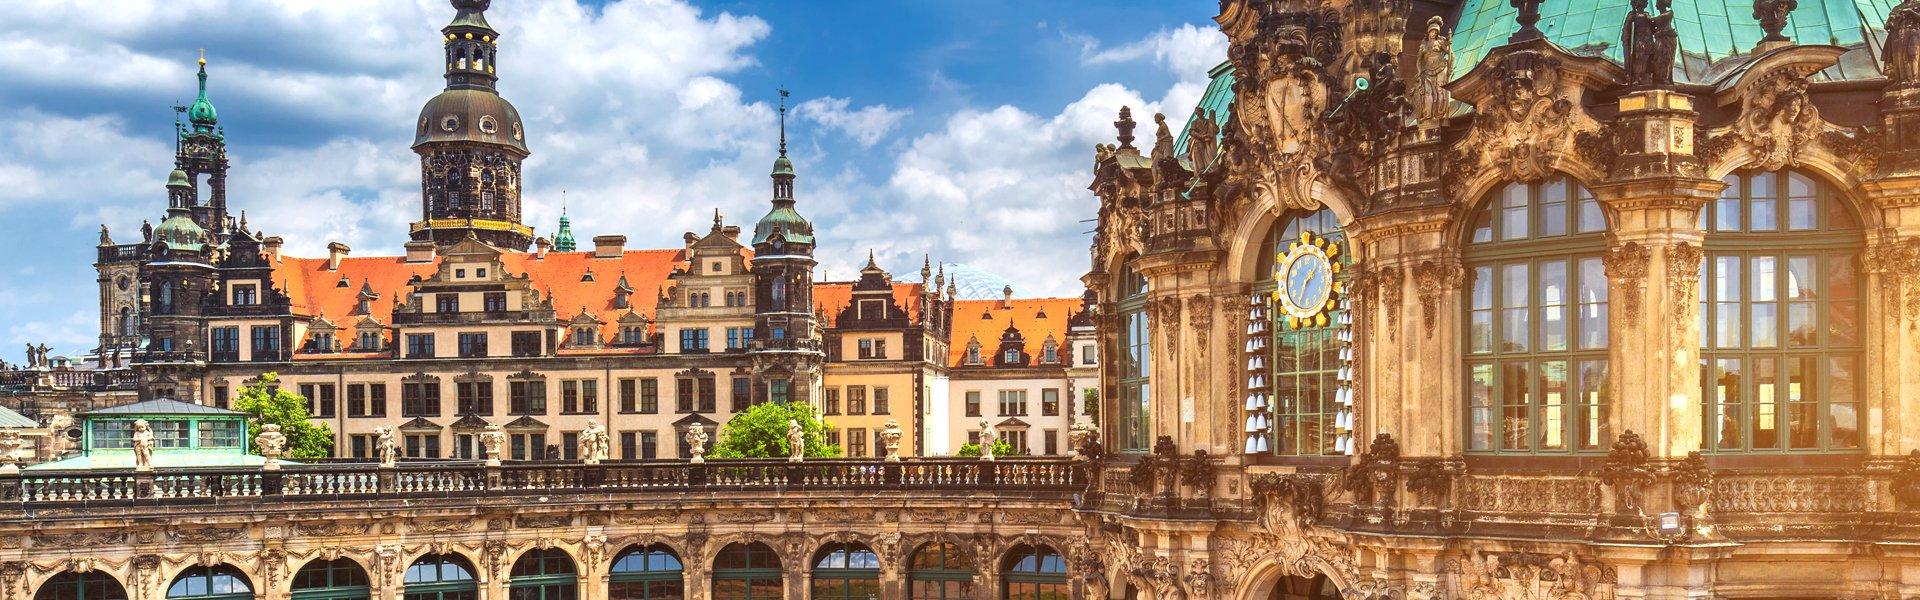 Zwinger in Dresden, Duitsland